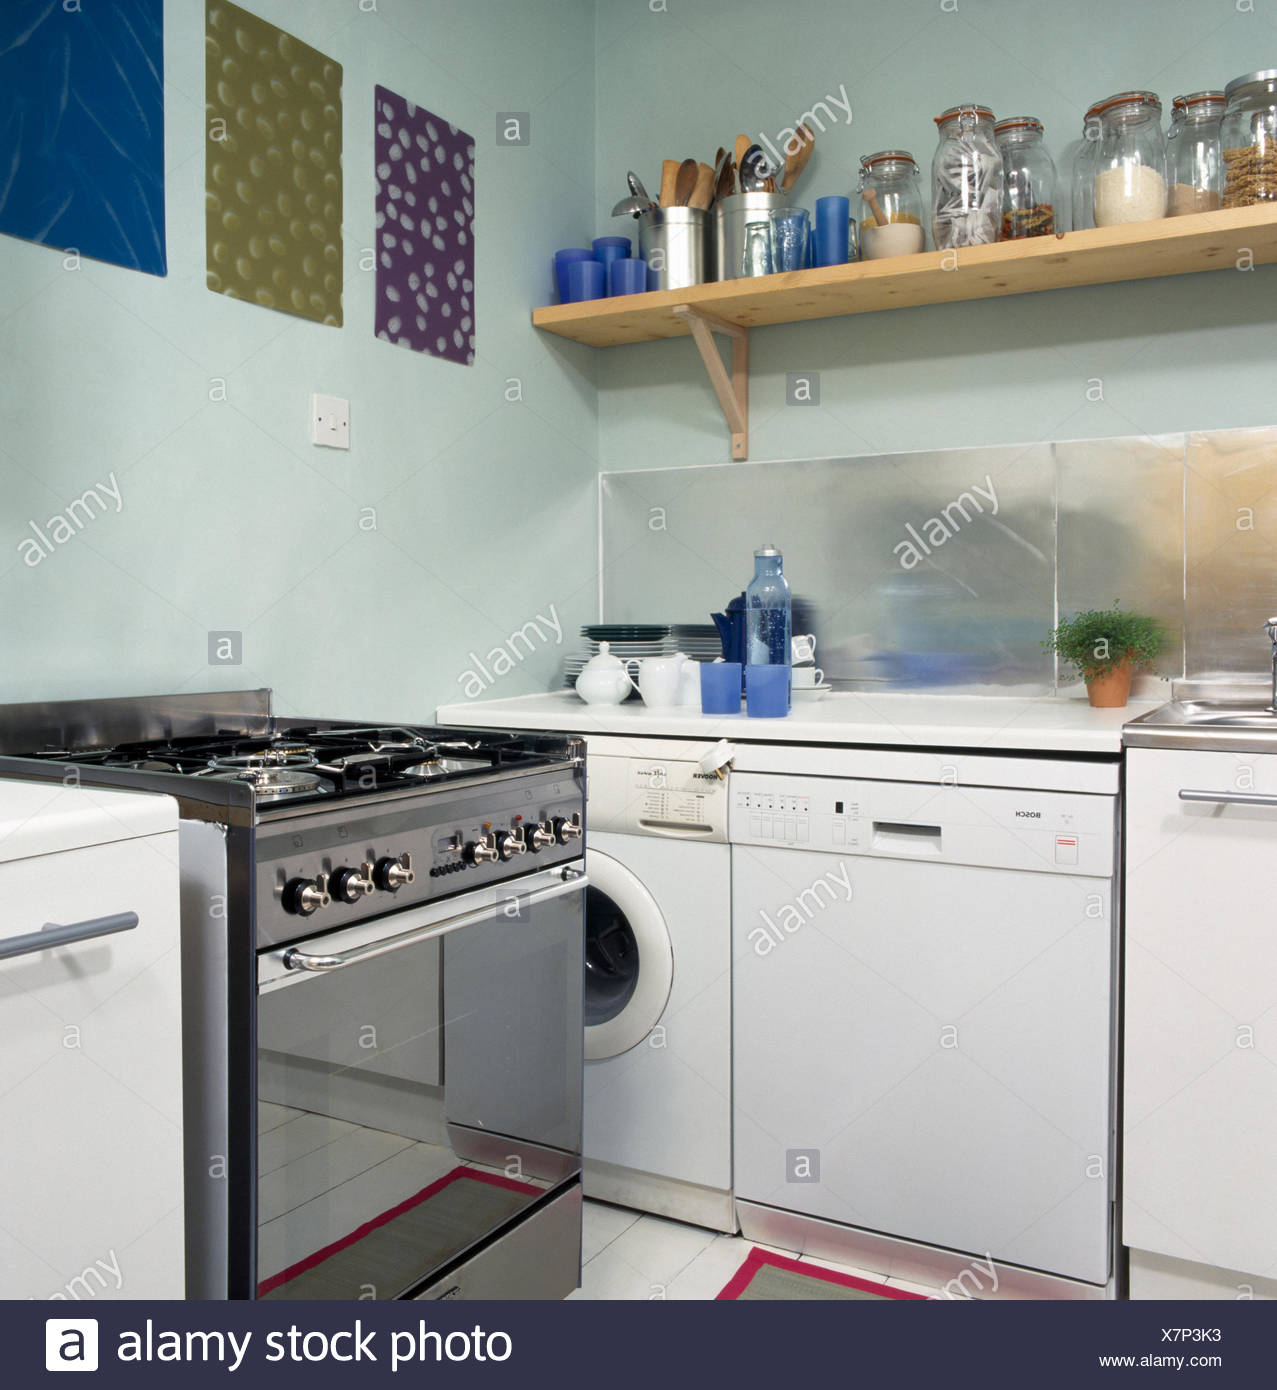 Acciaio inossidabile gamma forno con lavastoviglie e lavatrice in economia degli anni novanta - Lavatrice cucina ...